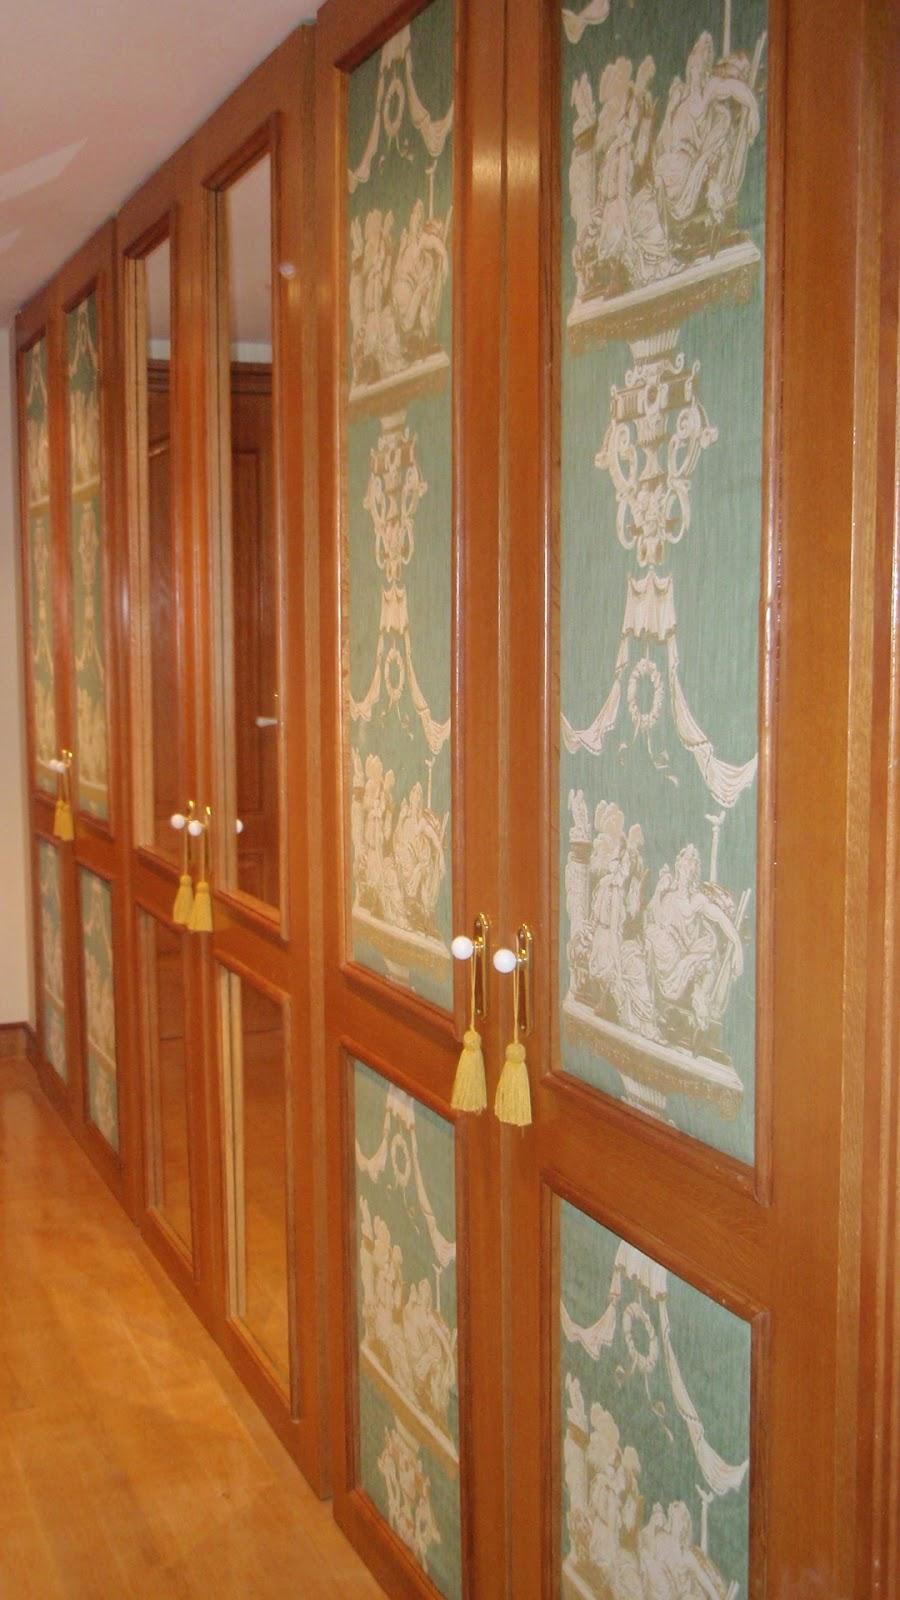 Armarios empotrados carpinteria y decoraci n - Decoracion de armarios empotrados ...